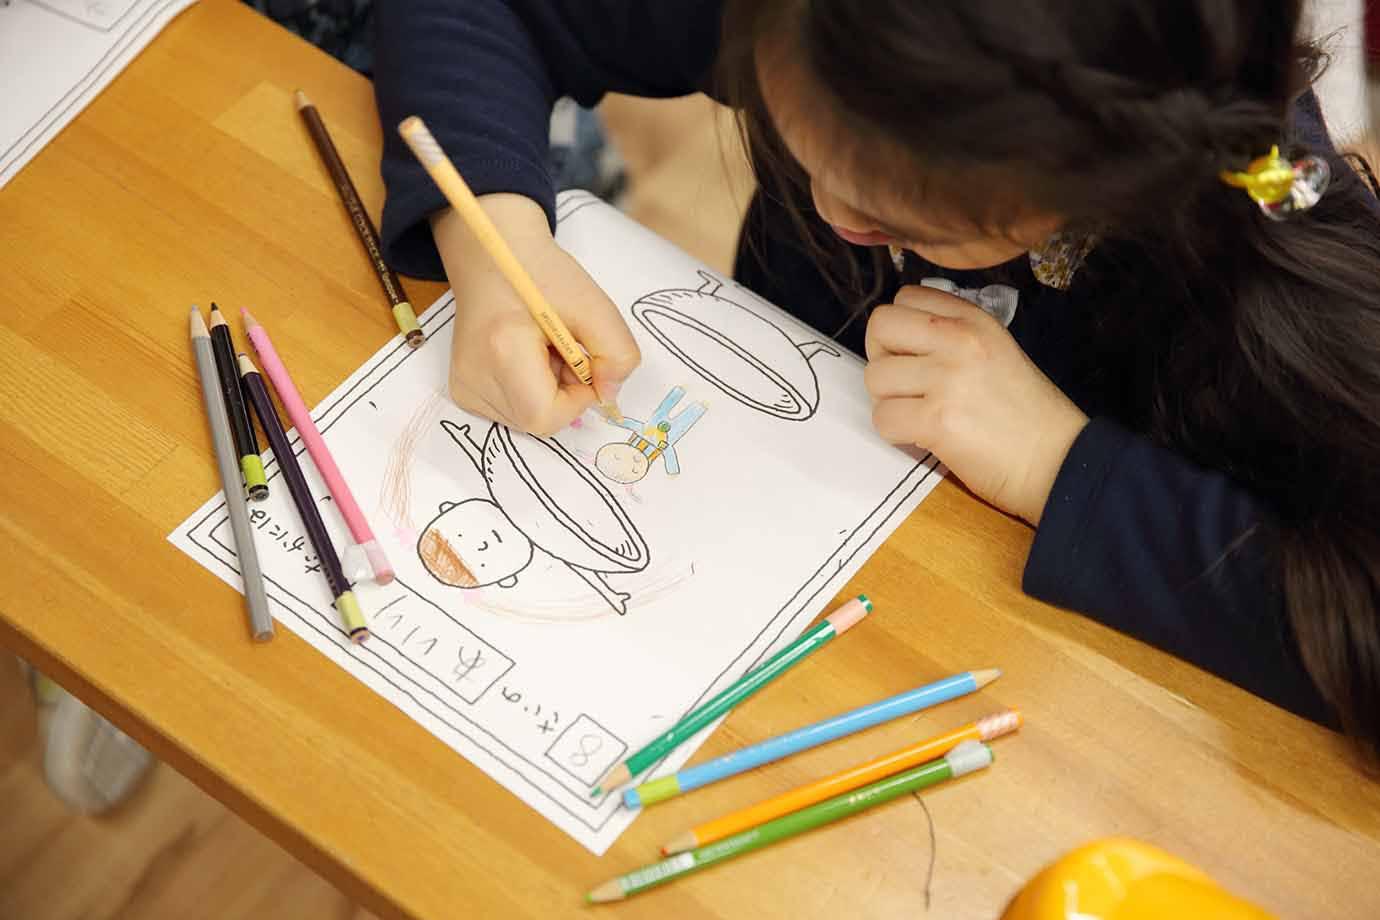 子どもたちは自分に見立てたイラストを描くことで、楽しみながら自分の内面と向き合う